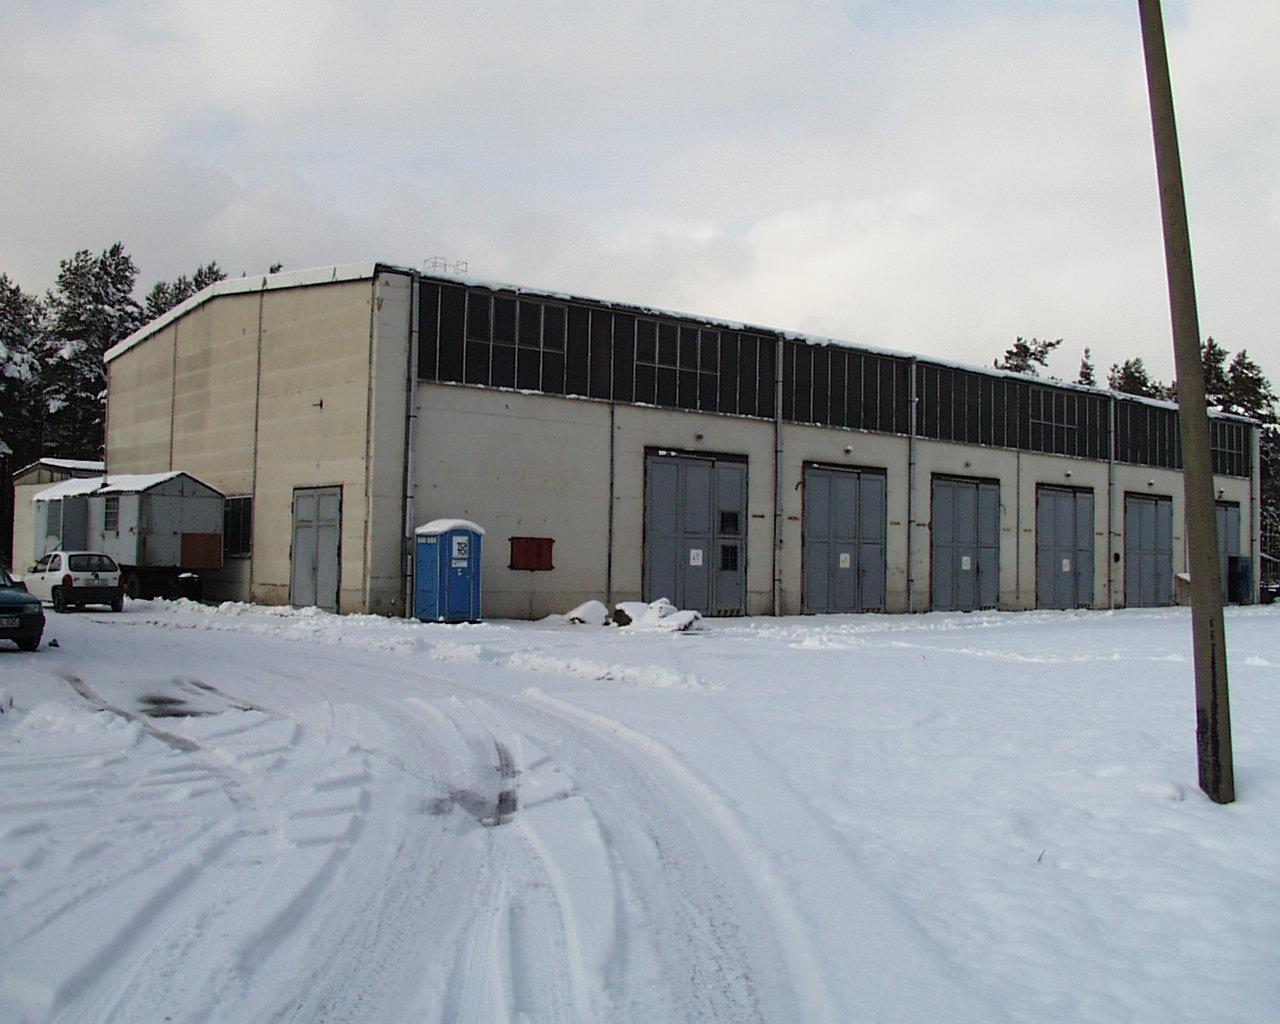 Sanierung Kfz Wartungshalle Auf Dem Truppenübungsplatz Oberlausitz